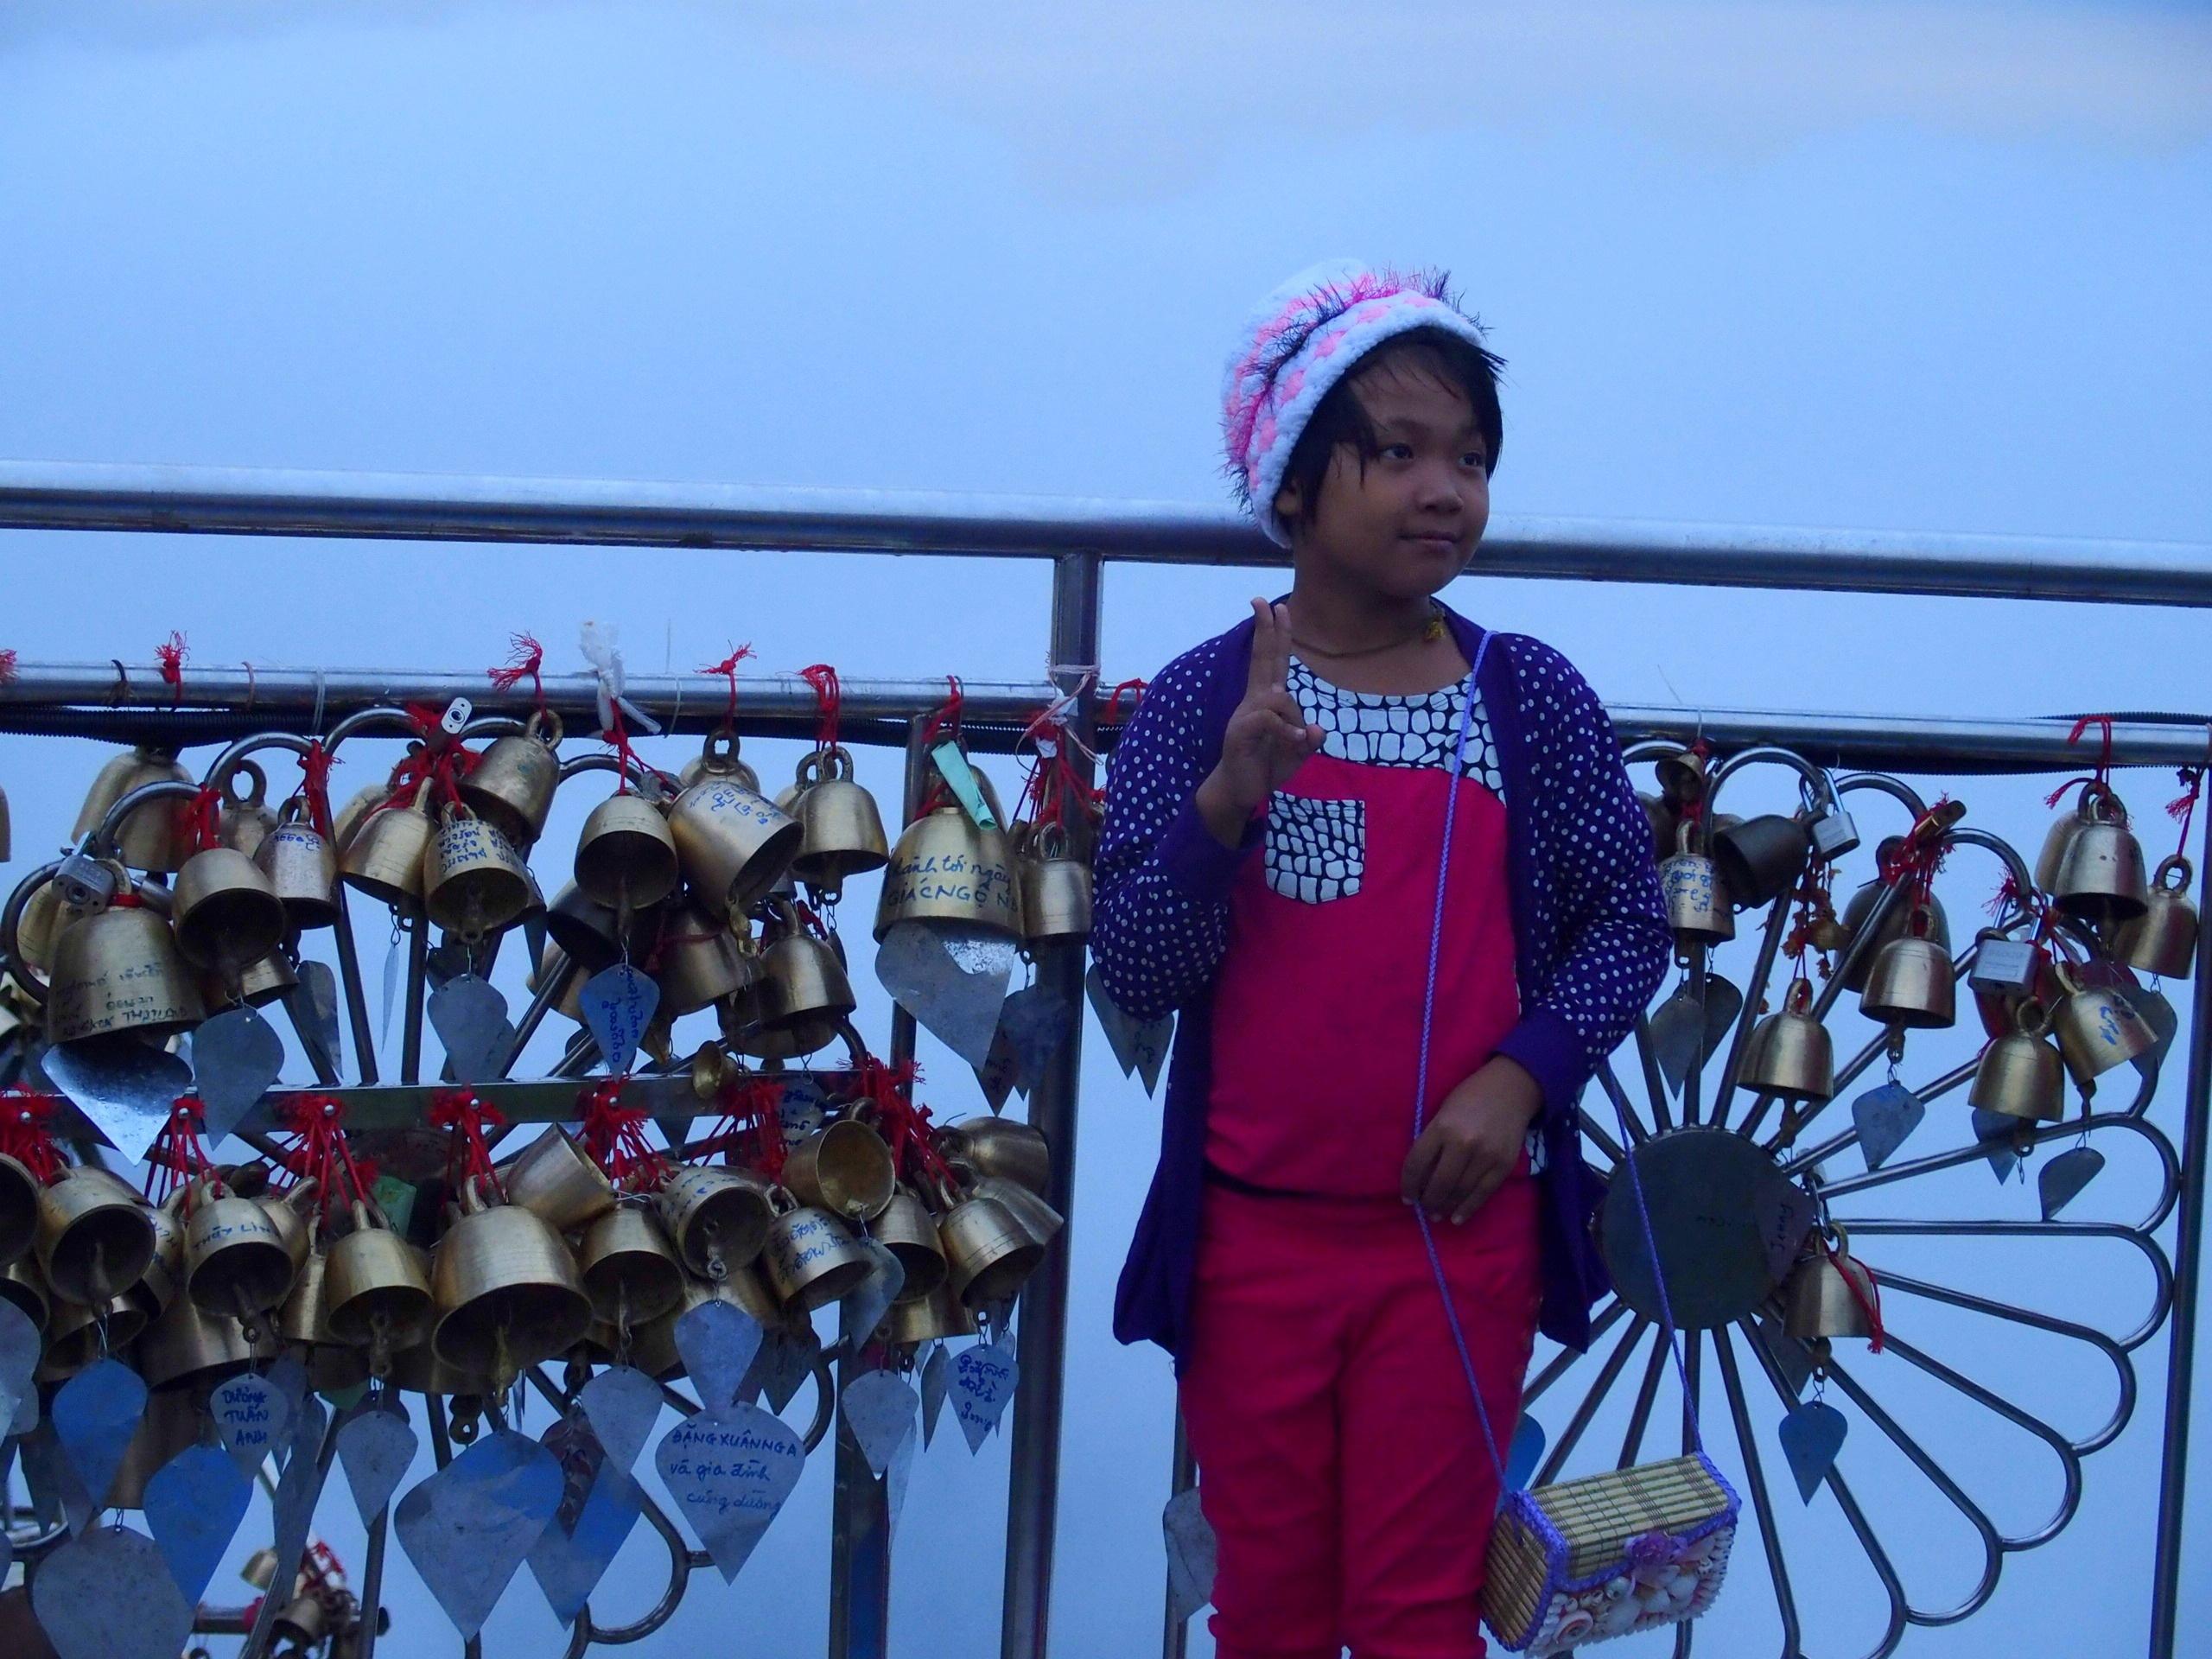 Petites-cloches-porte-bonheur-au-Rocher-dOr-Myanmar